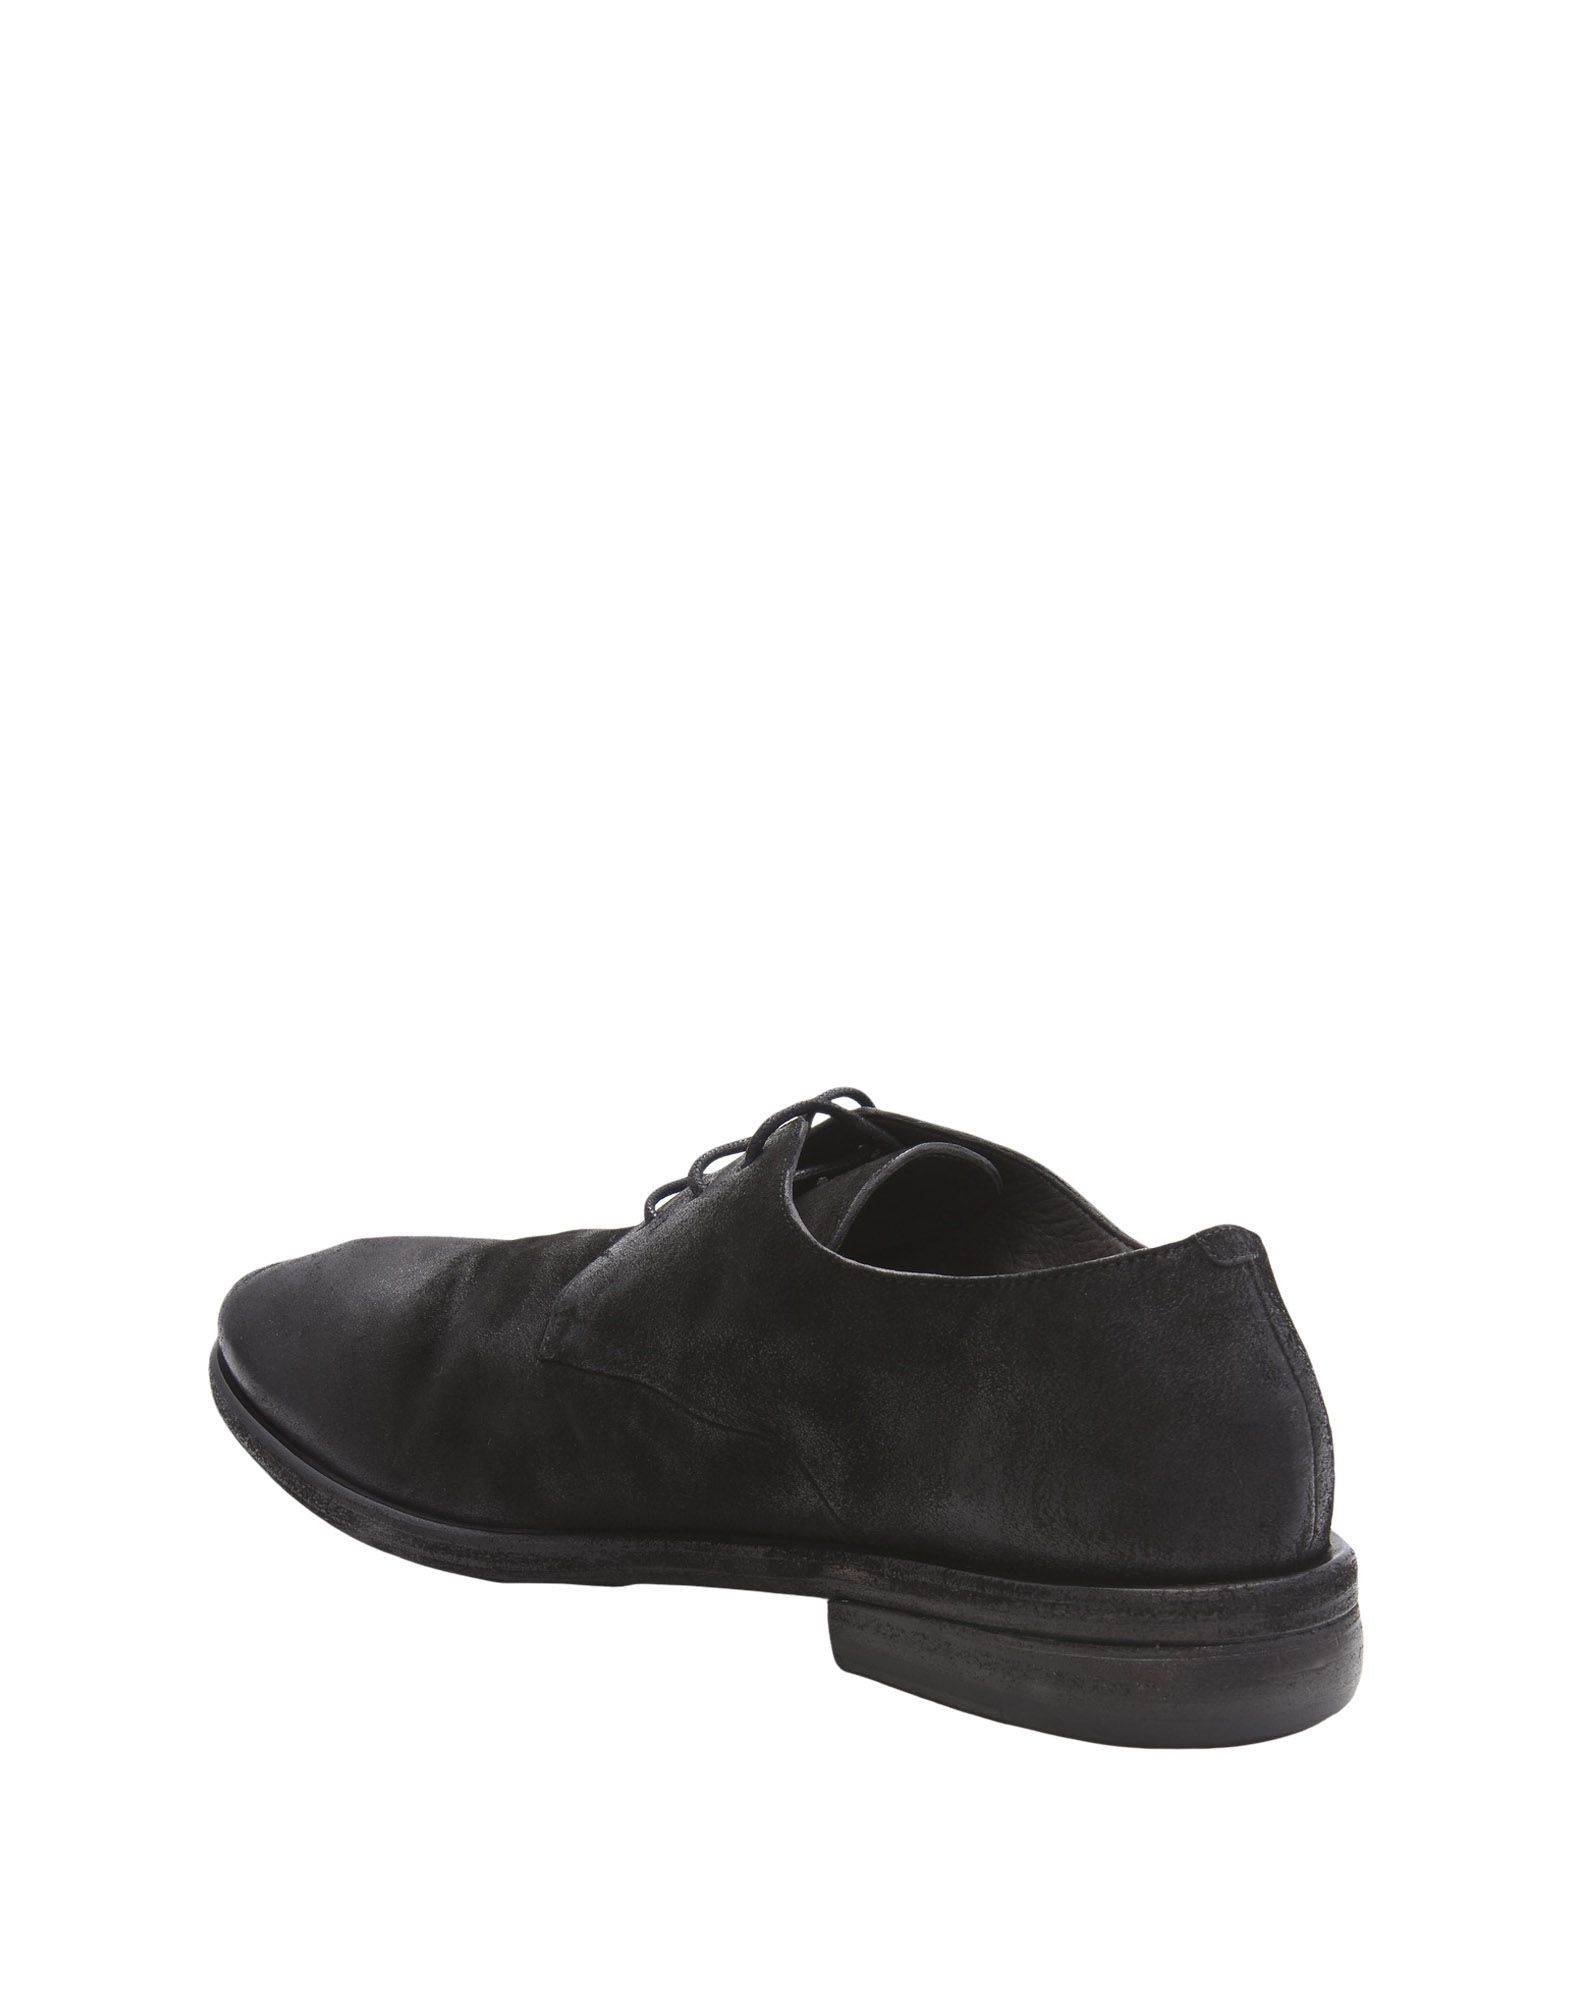 Marsèll Schnürschuhe Herren  11524574RS Gute Qualität beliebte Schuhe